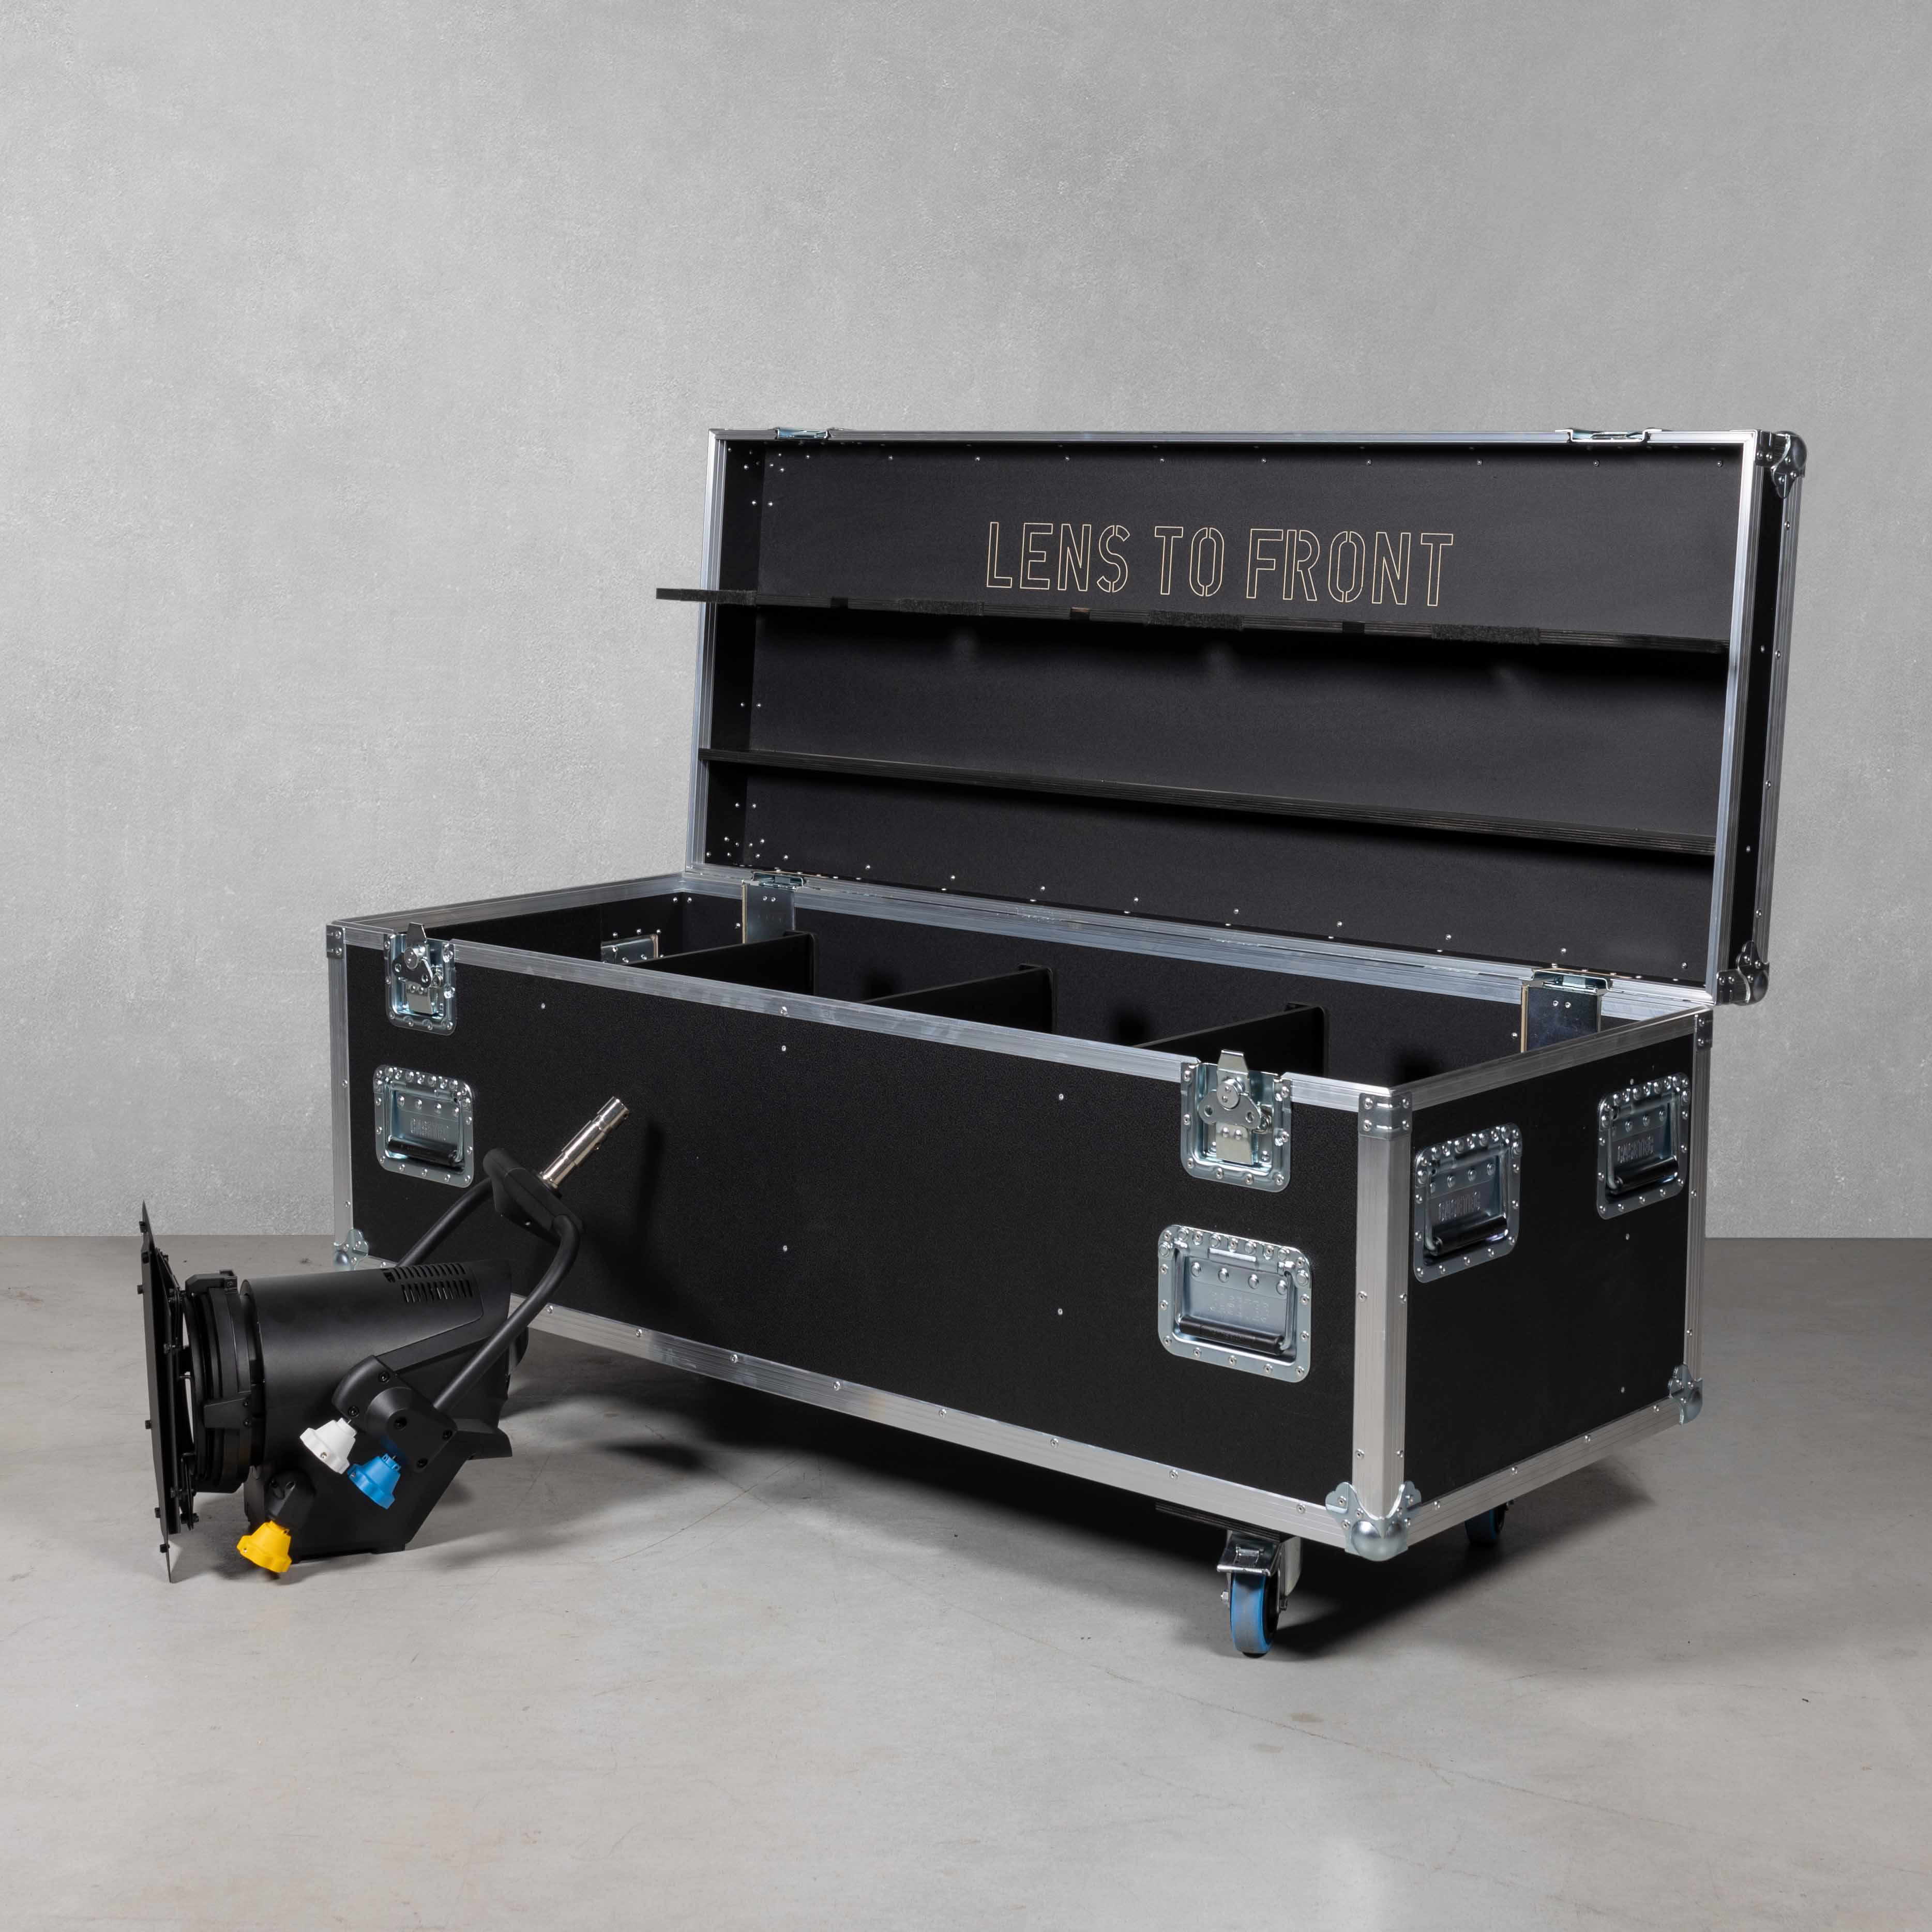 Flightcase für 4 Stück Cameo F2T P.O (Pole Operated)